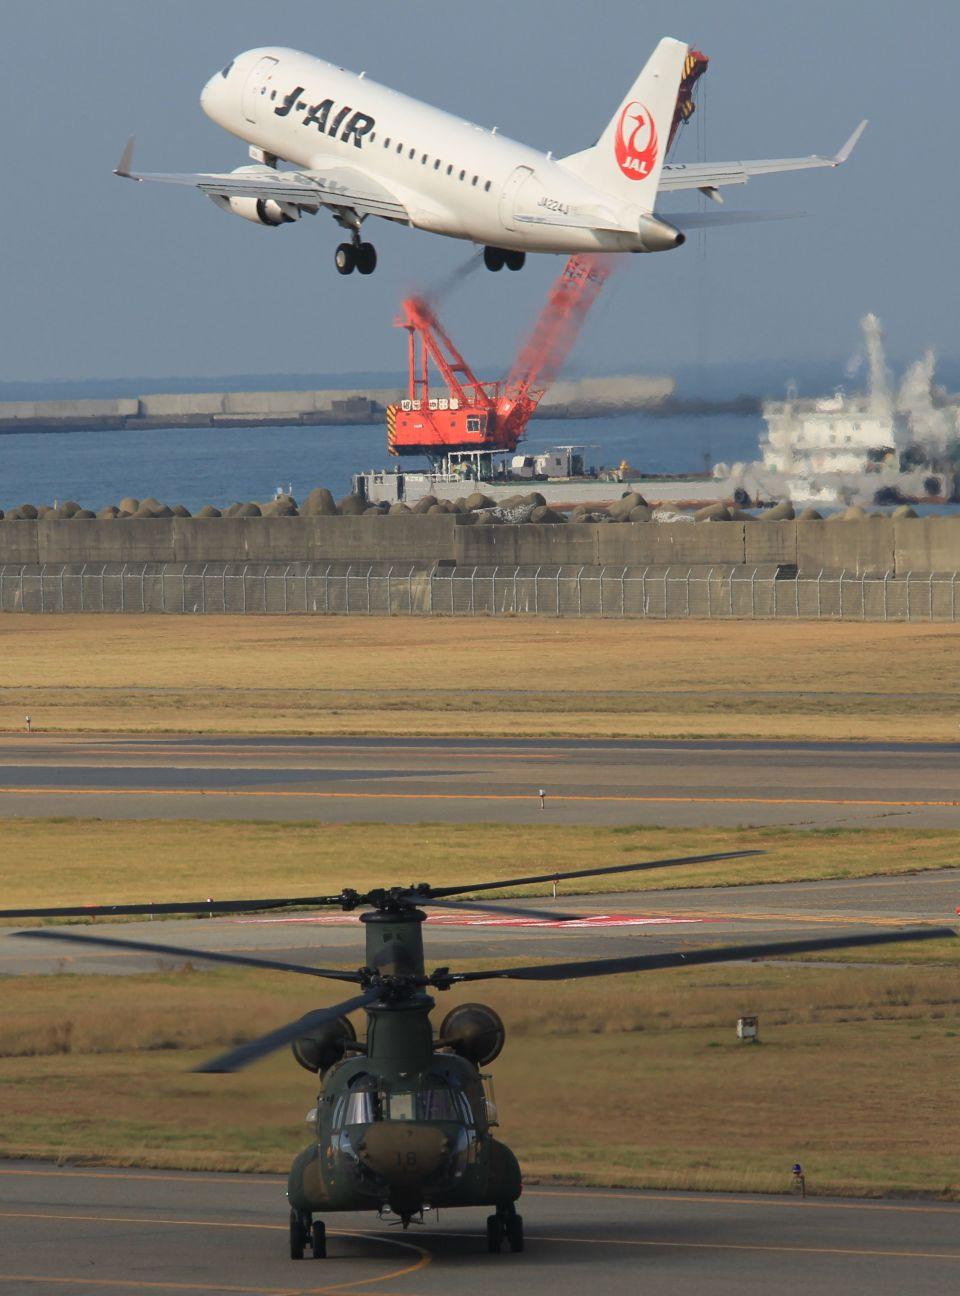 MIL26Tさんのジェイエア Embraer 170 (JA224J) 航空フォト